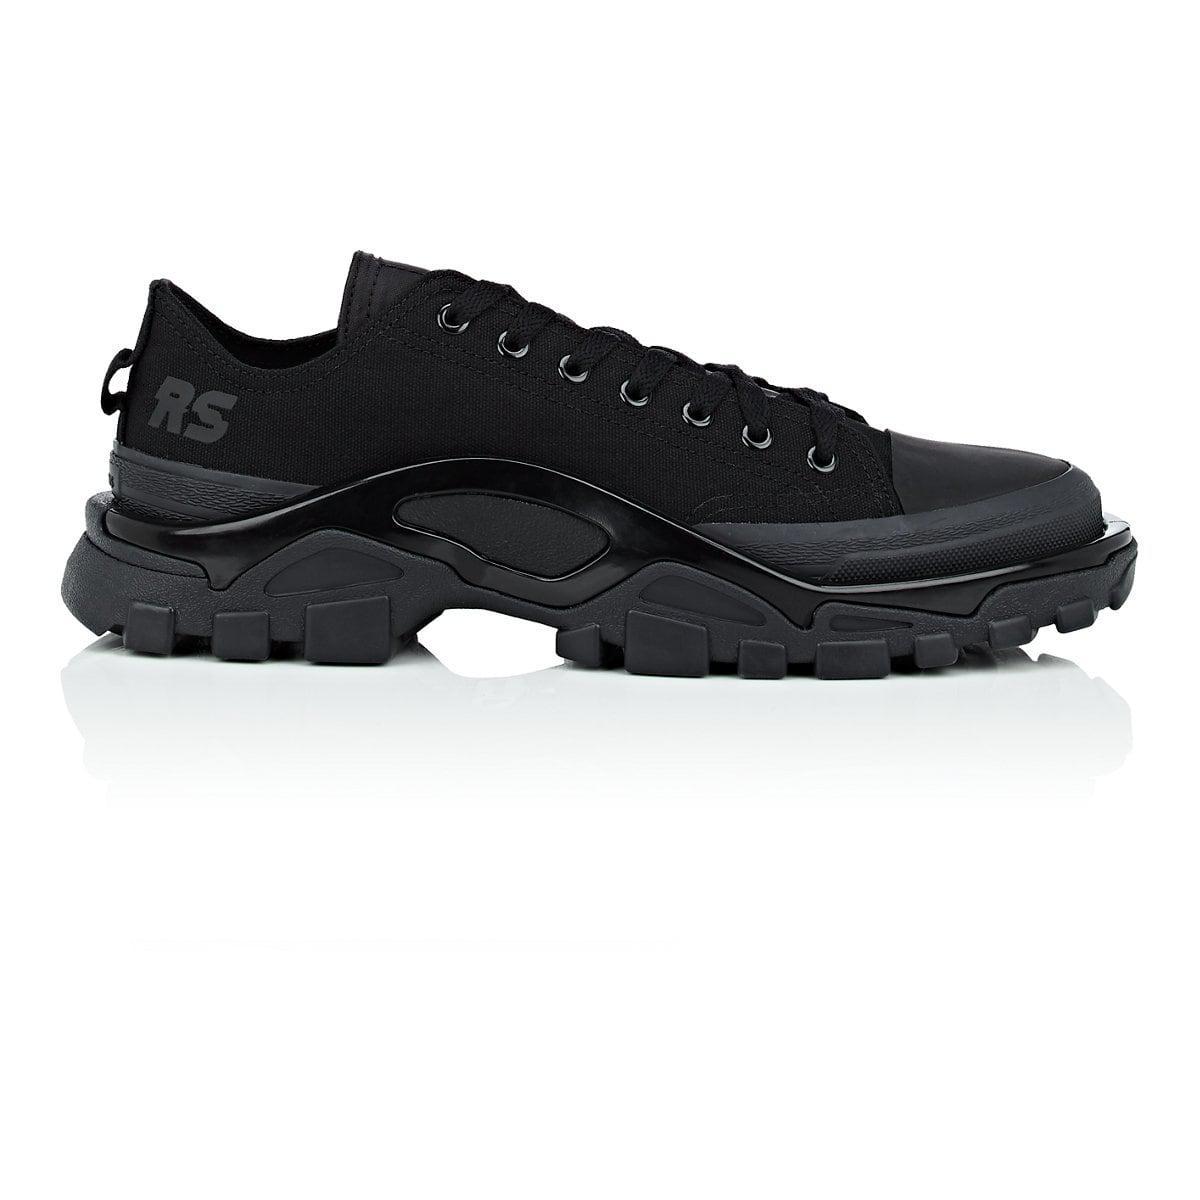 Mens Detroit Runner Canvas & Nylon Sneakers Raf Simons toSBBedy